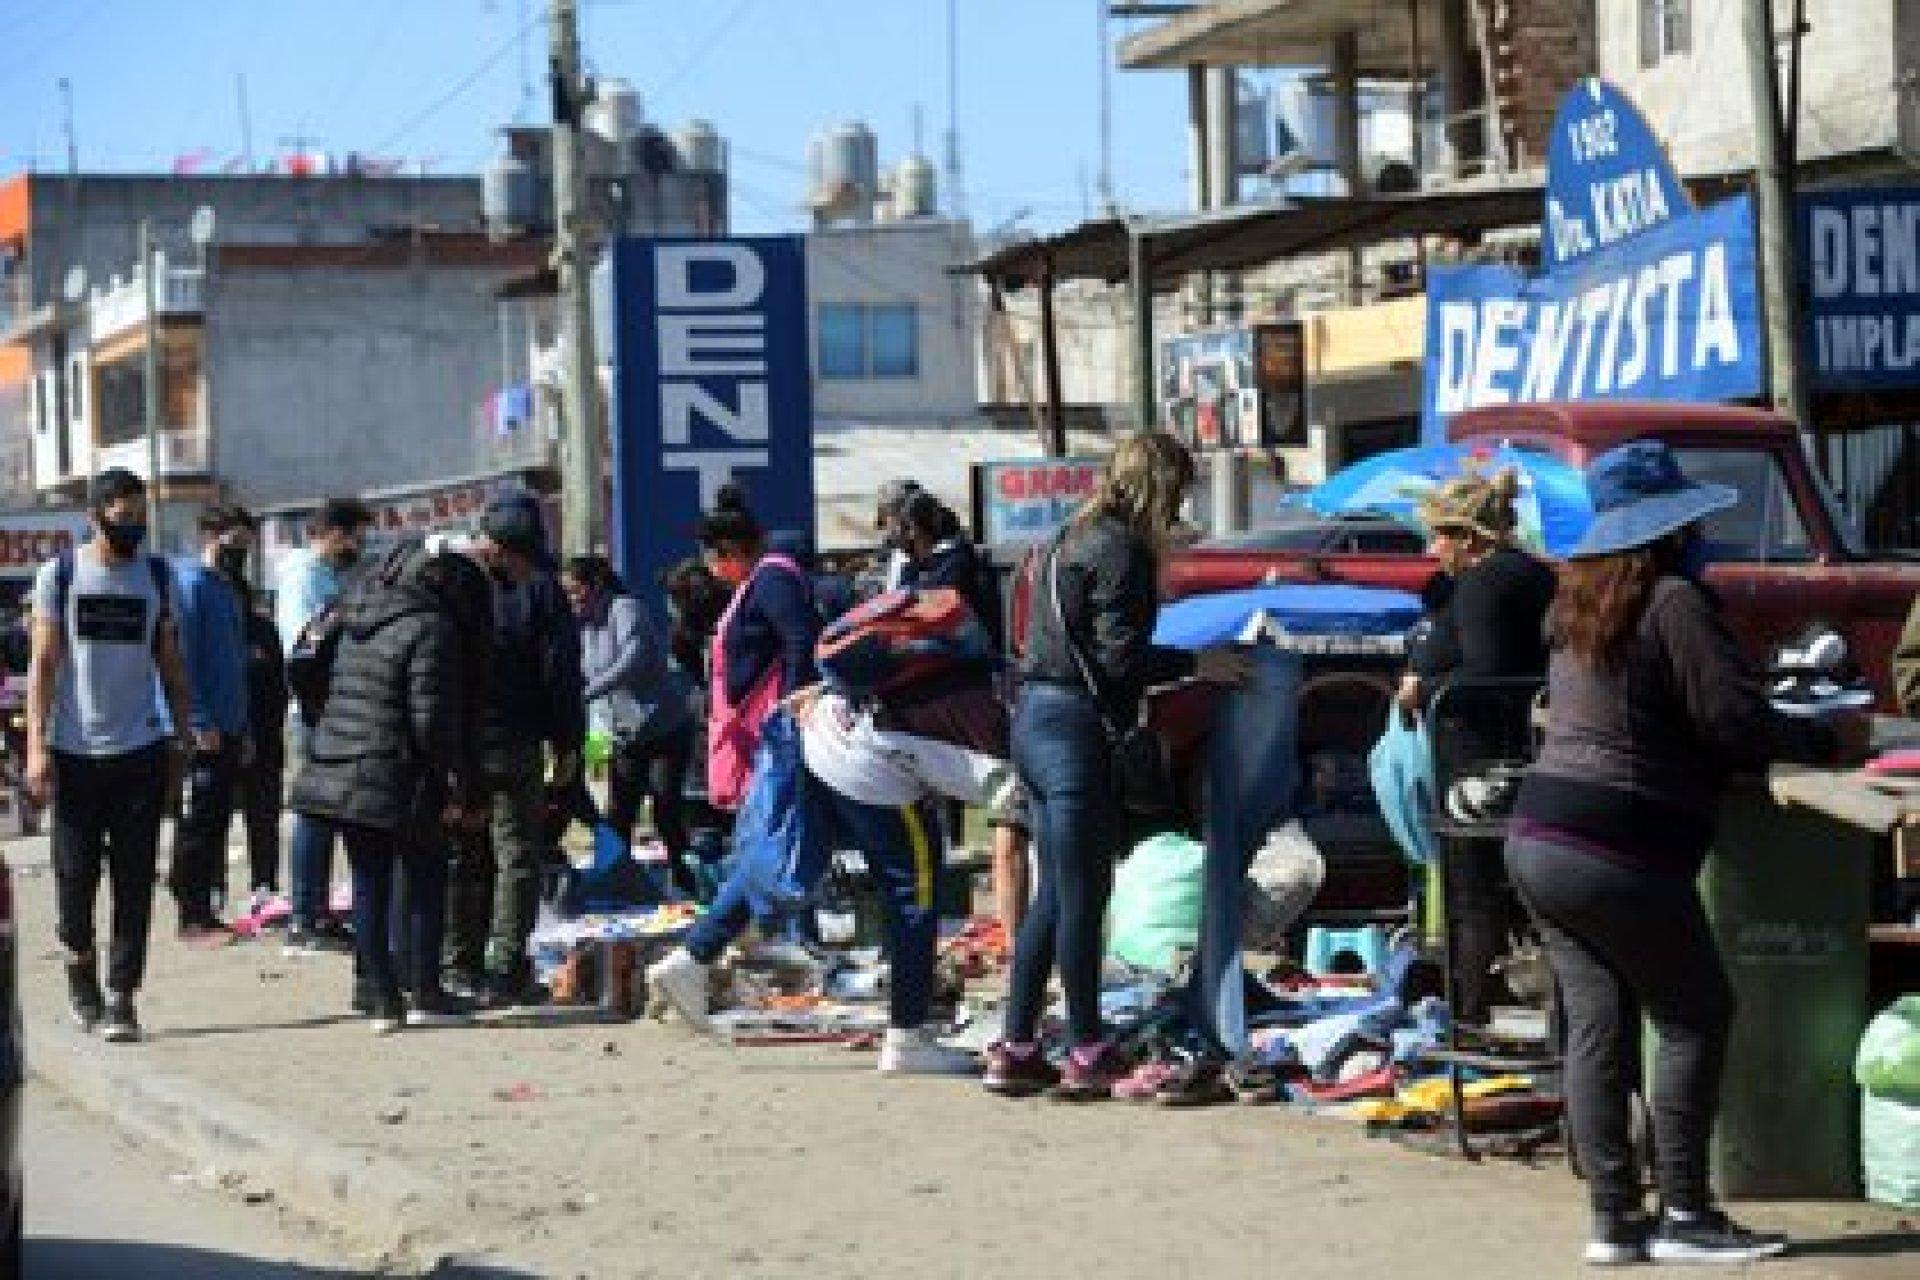 Otra vista de la actividad en las calles del Barrio Olimpo de Lomas de Zamora, con manteros instalados en las veredas